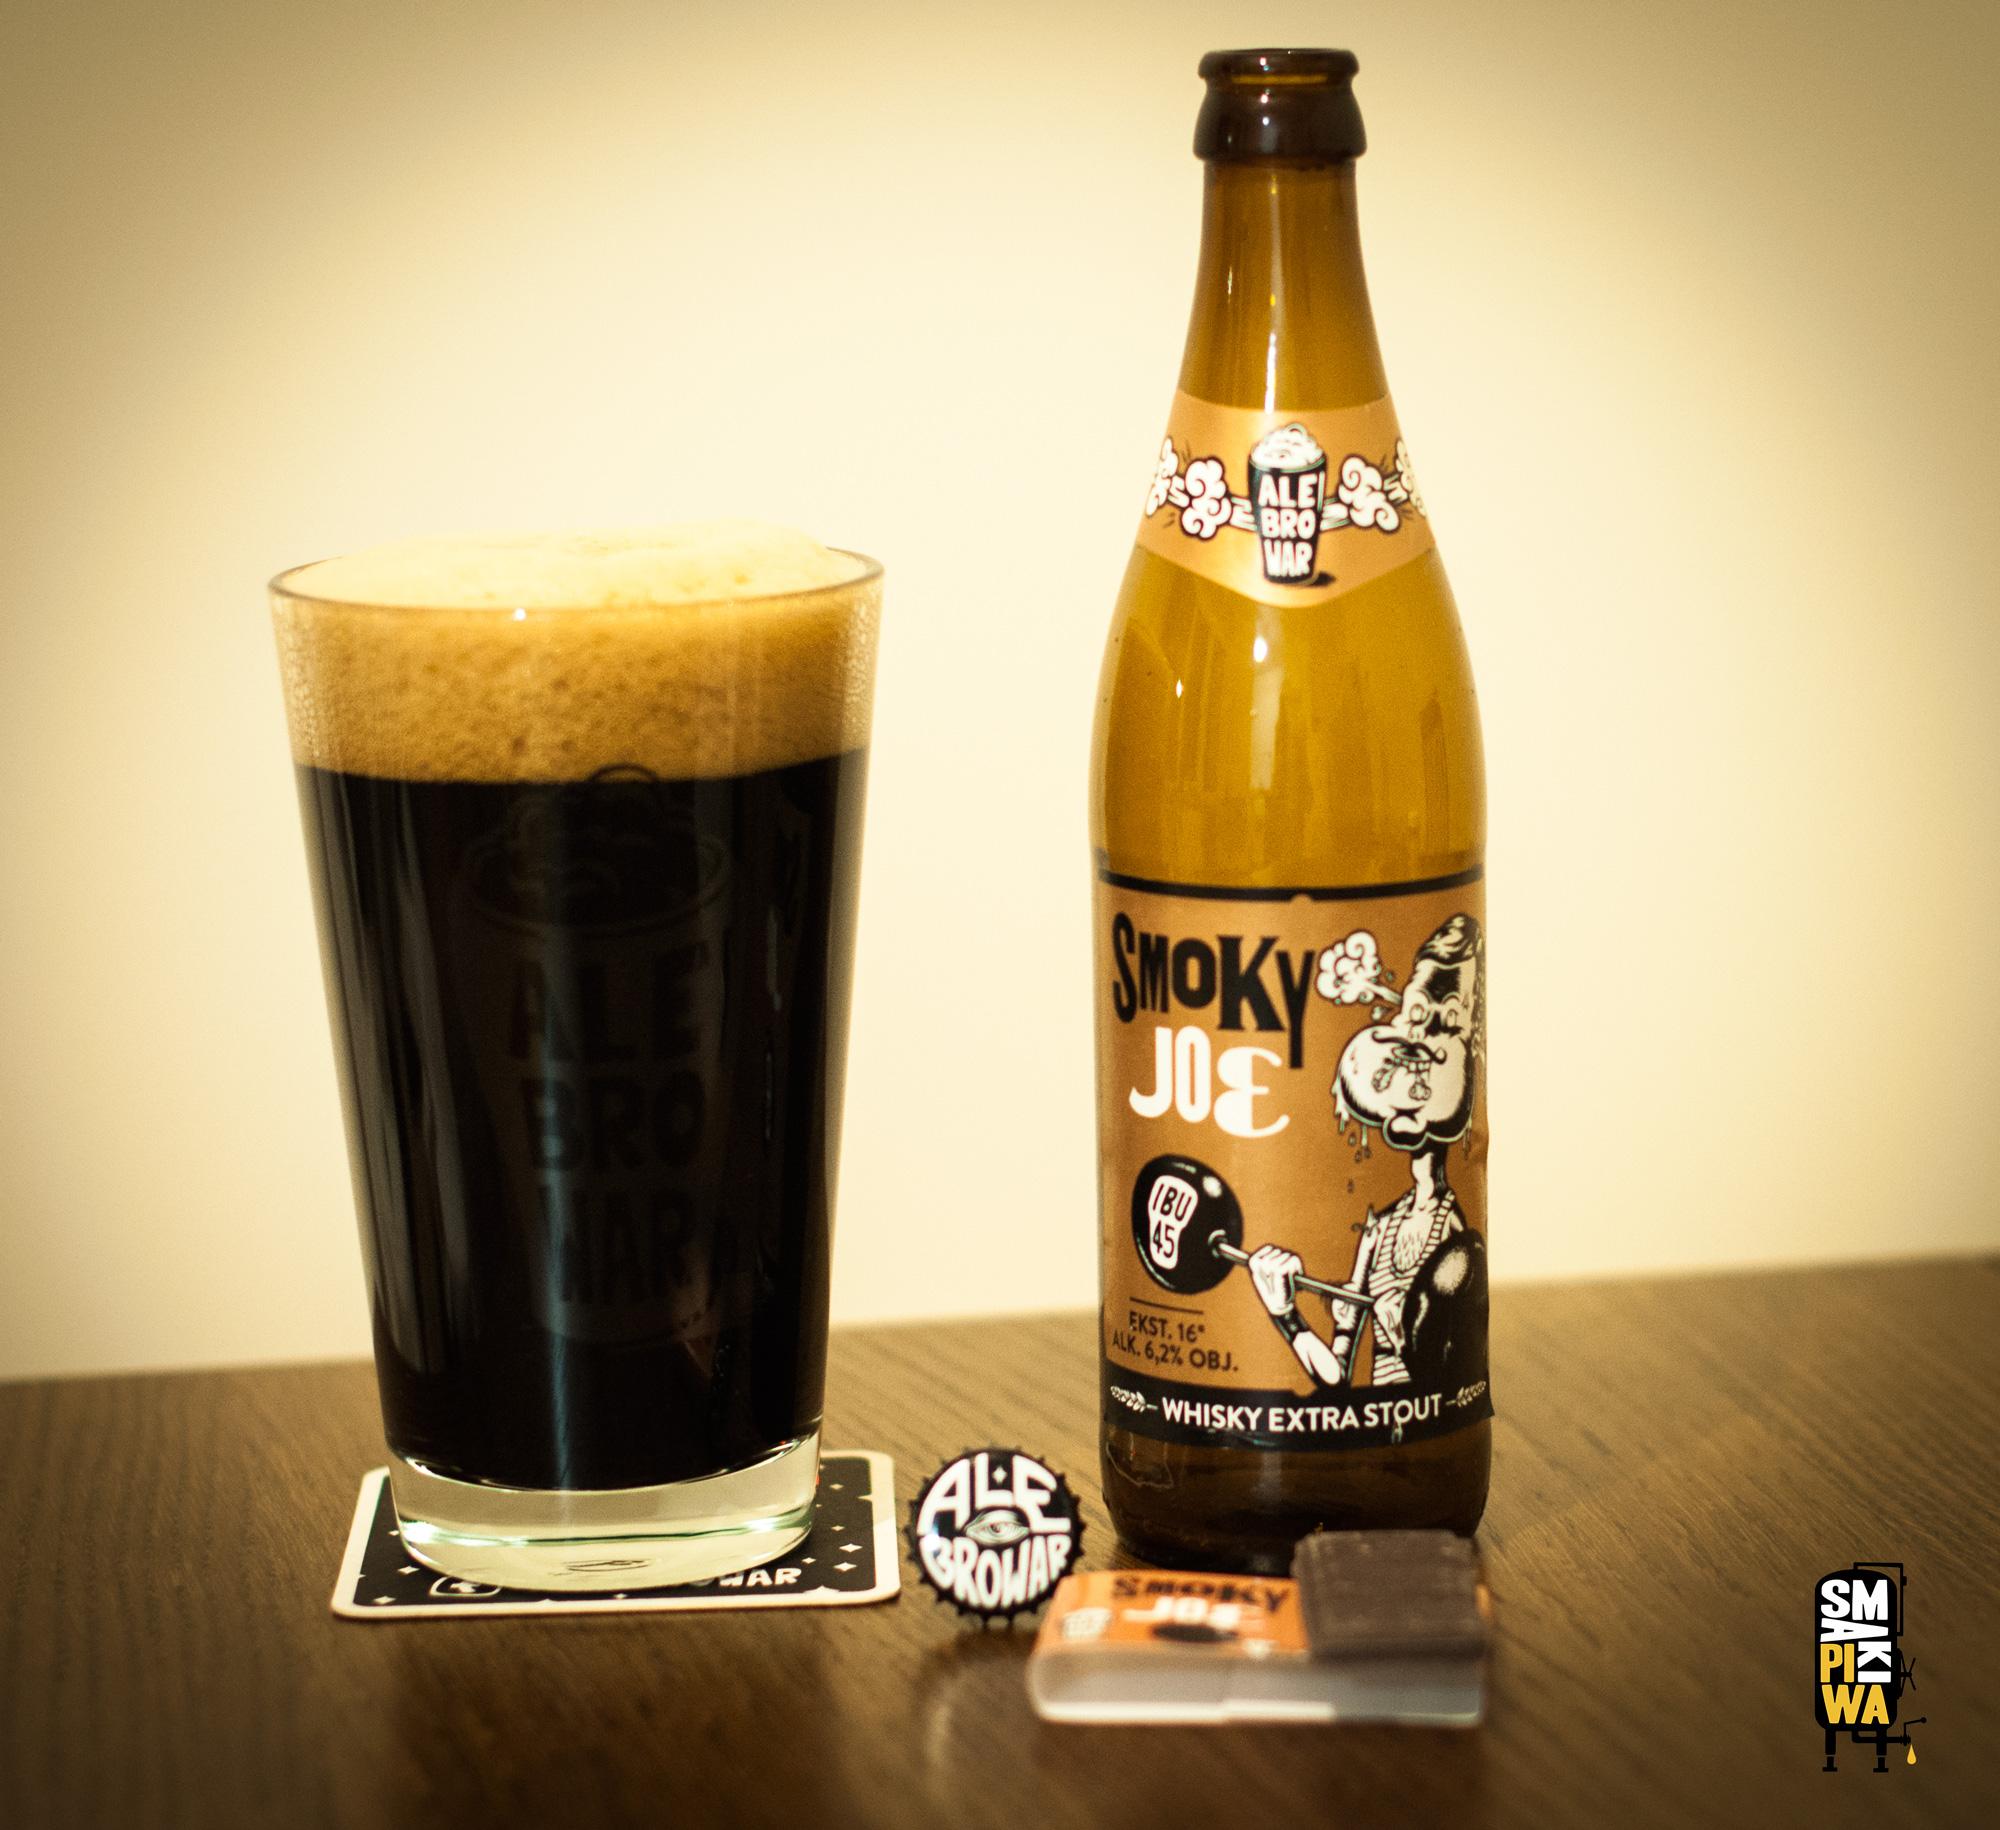 Smoky Joe zpierwszej edycji wraz zczekoladą przygotowaną specjalnie dla tego piwa zdodatkiem słodu dowhisky.